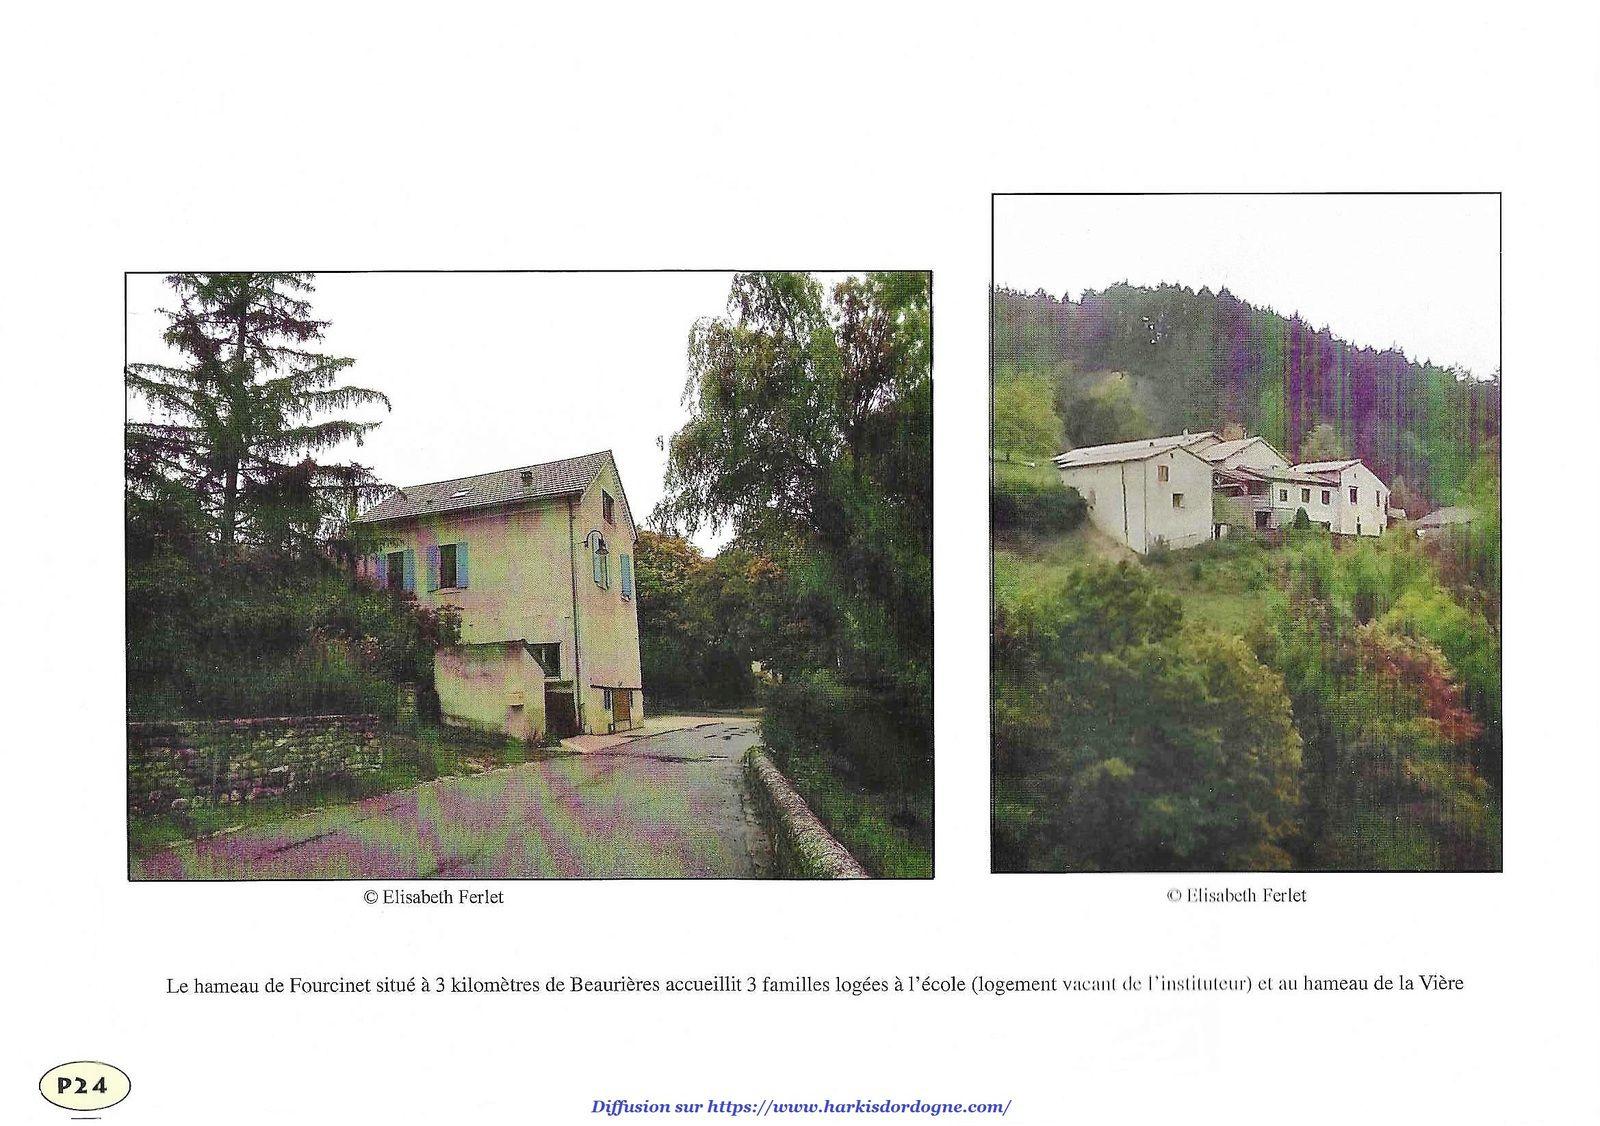 ONAVG de la Drôme (26) : Le hameau de forestage de Beaurières 1962-1975 de 22 à 28 sur 28